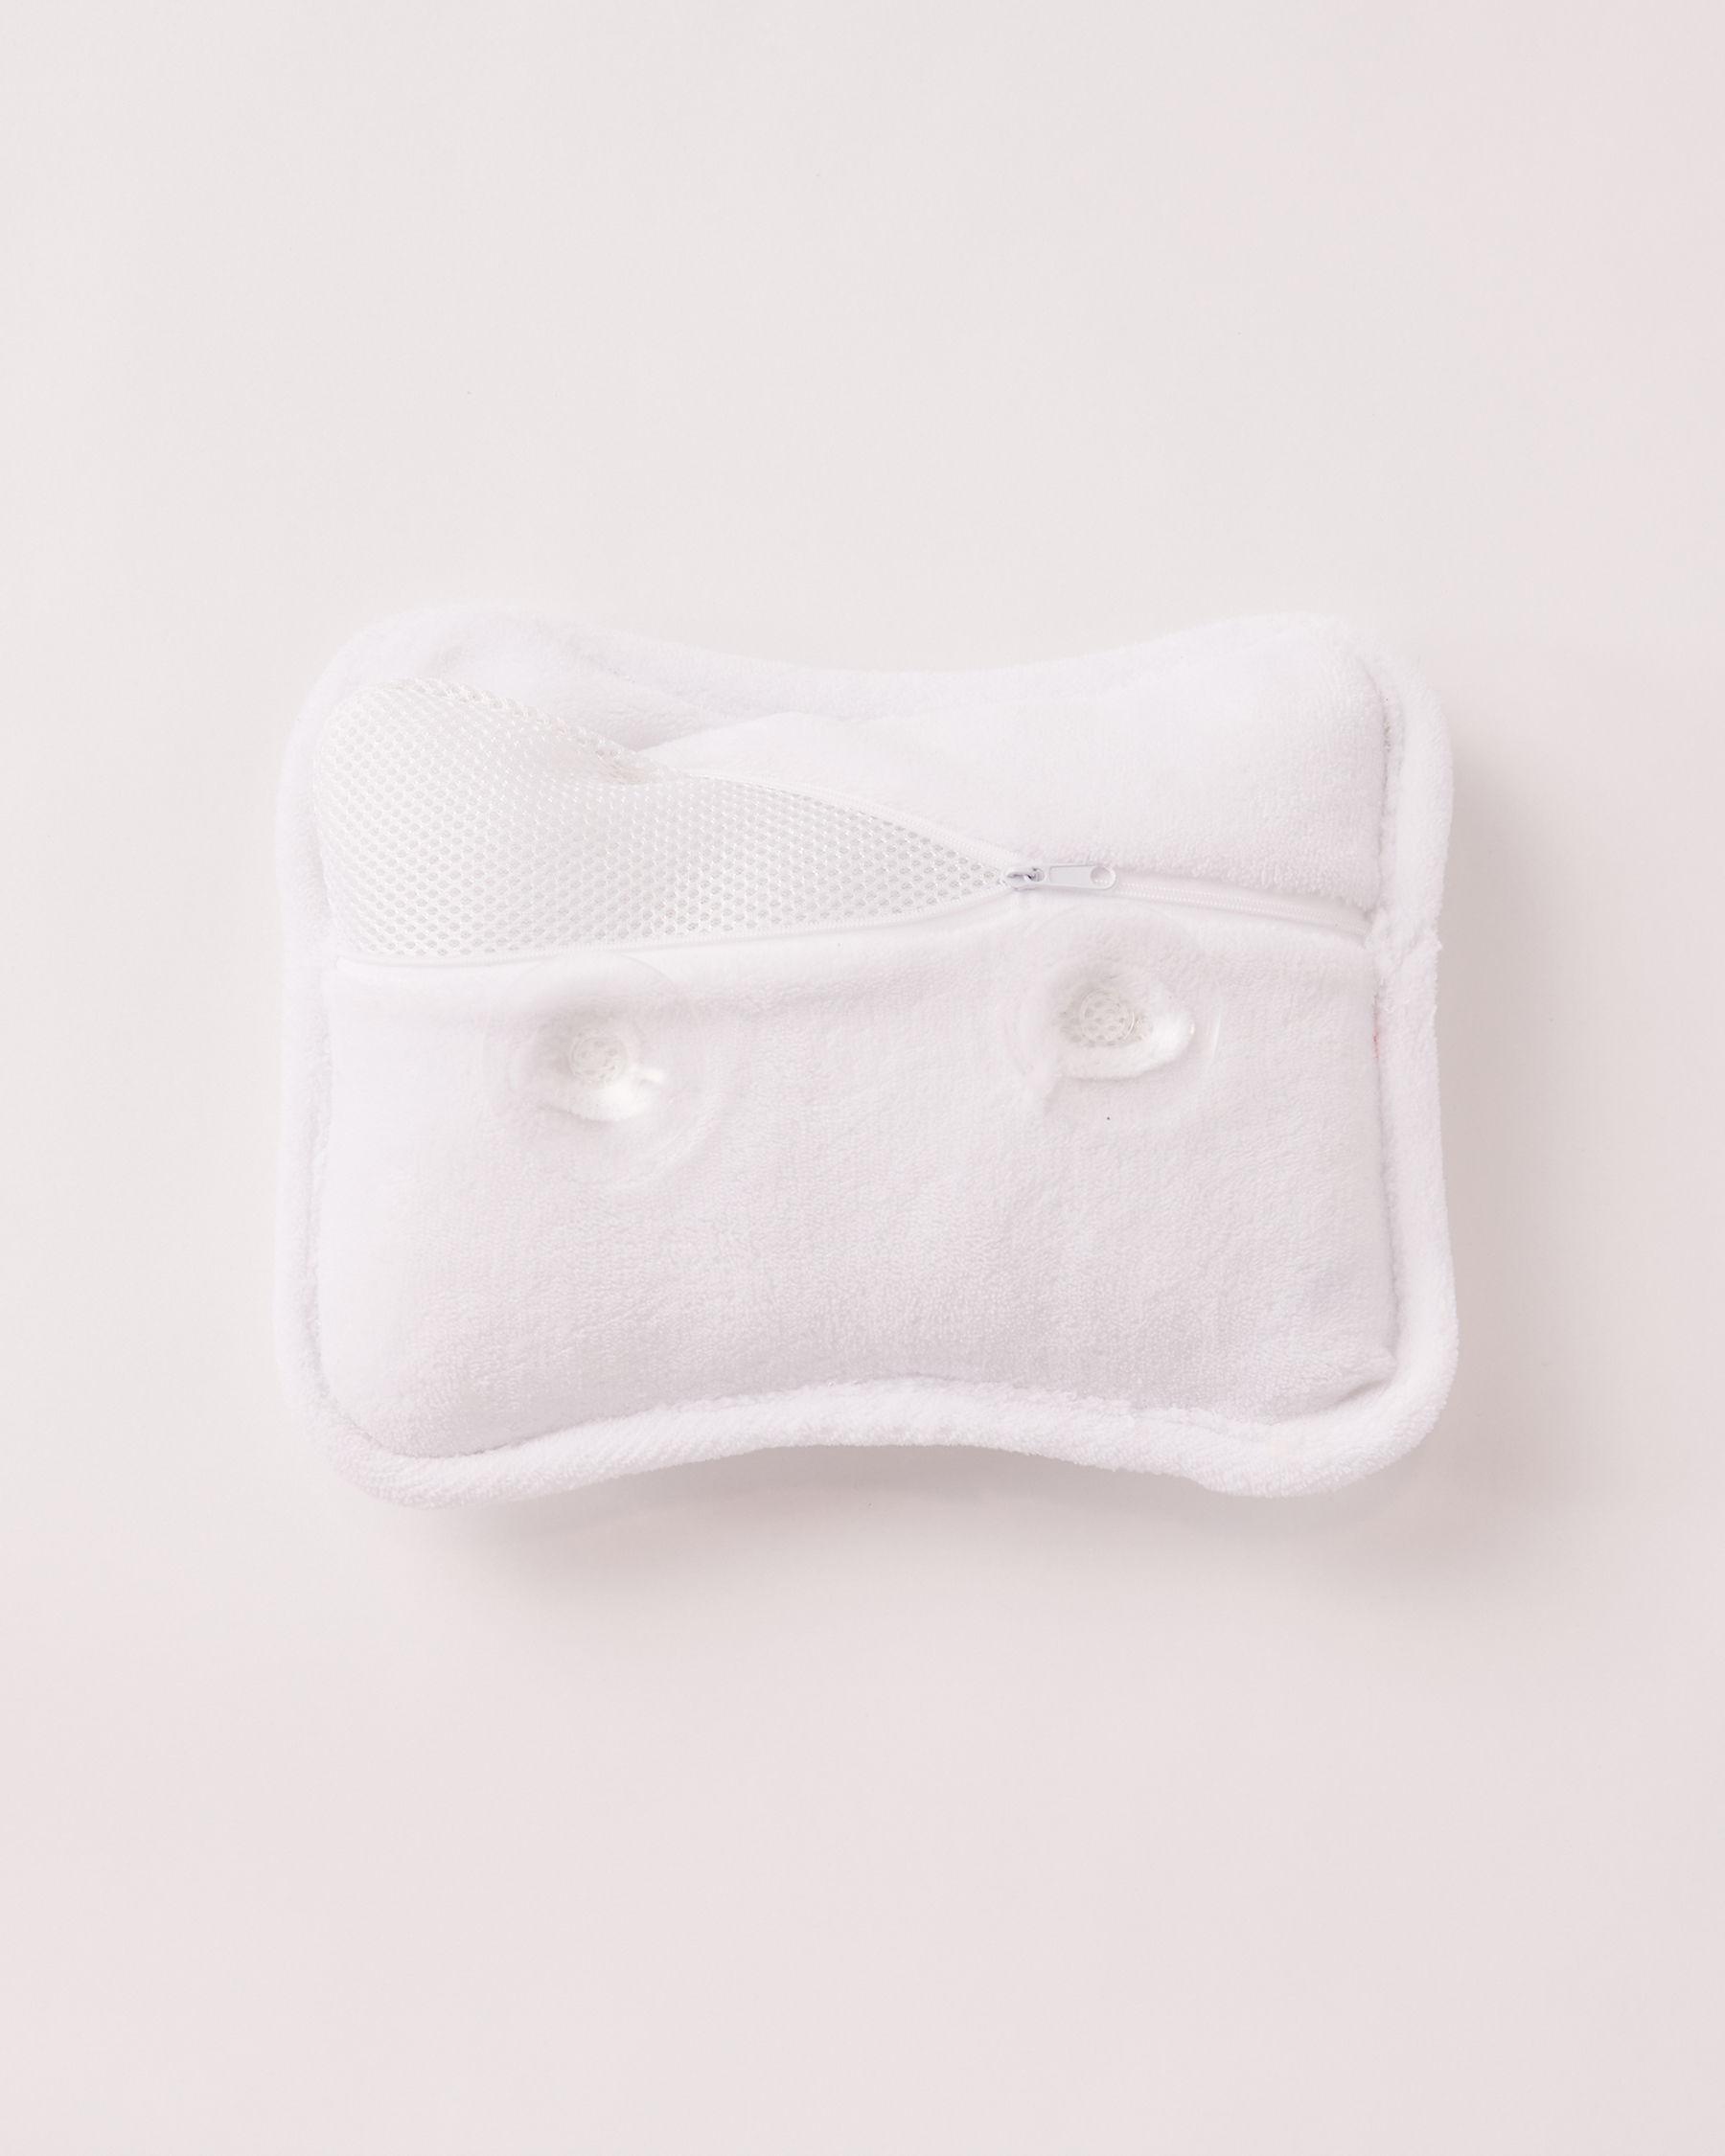 LA VIE EN ROSE Spa Bath Pillow White 992-527-0-06 - View4